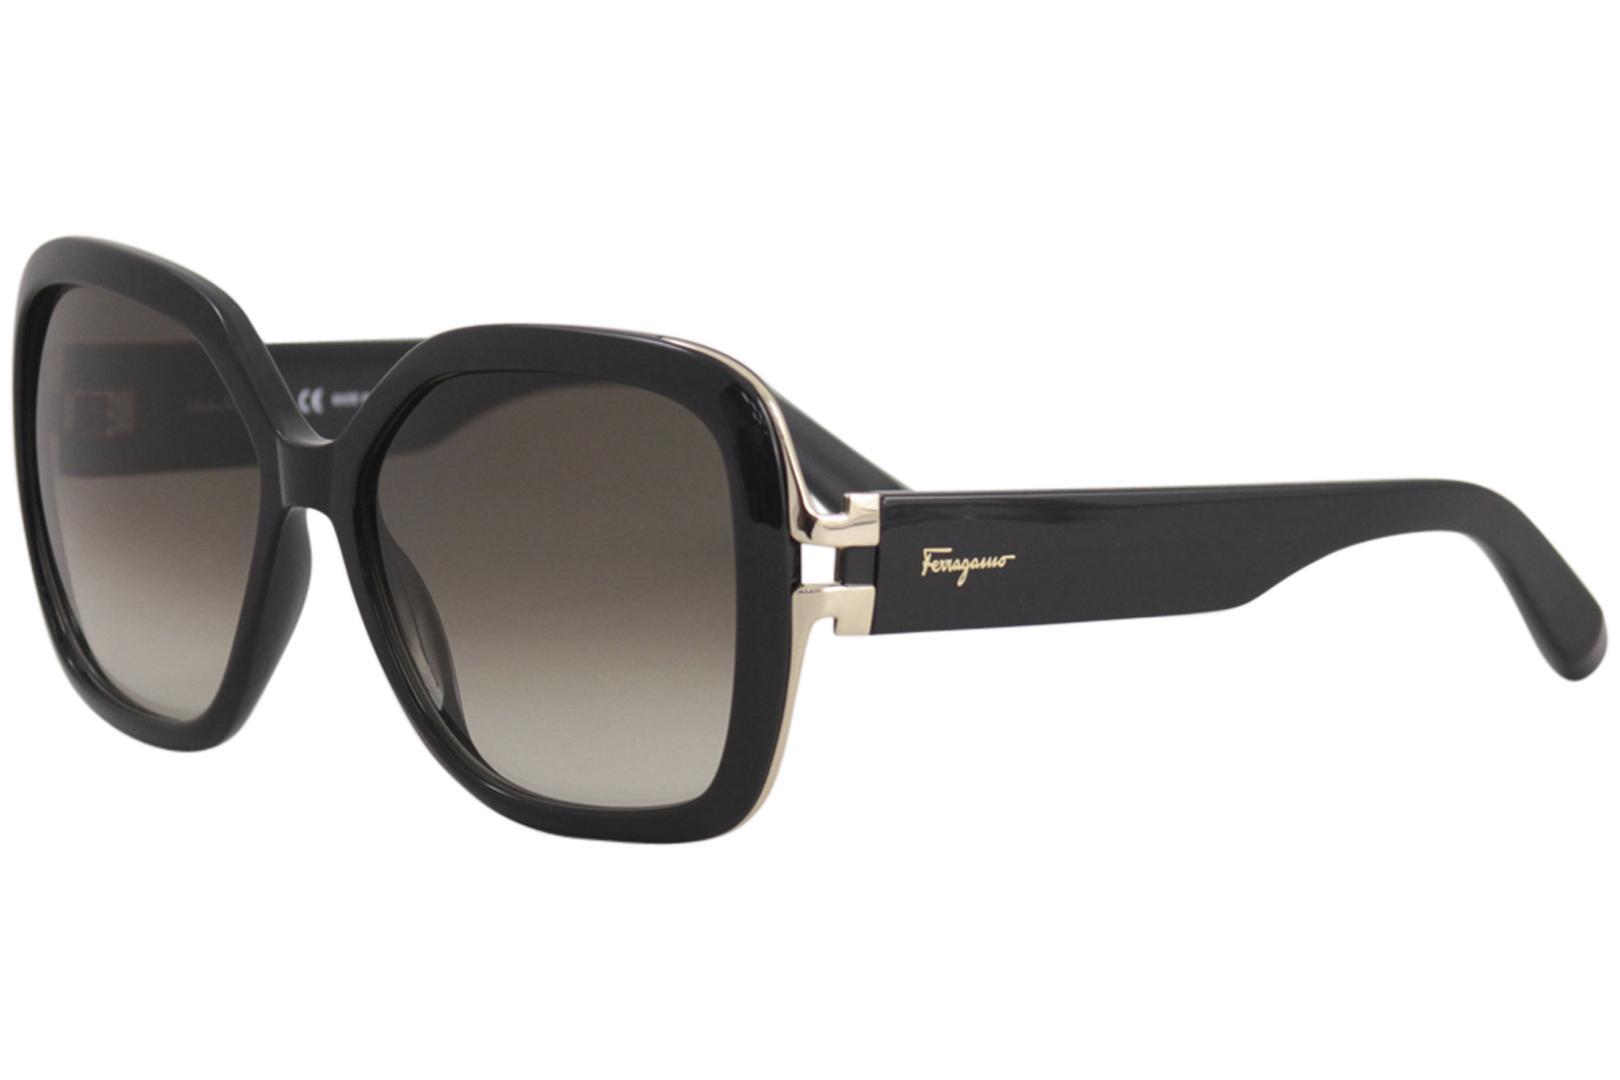 a10ee86a3f0 Salvatore Ferragamo Women s SF781S SF 781 S Fashion Square Sunglasses by Salvatore  Ferragamo